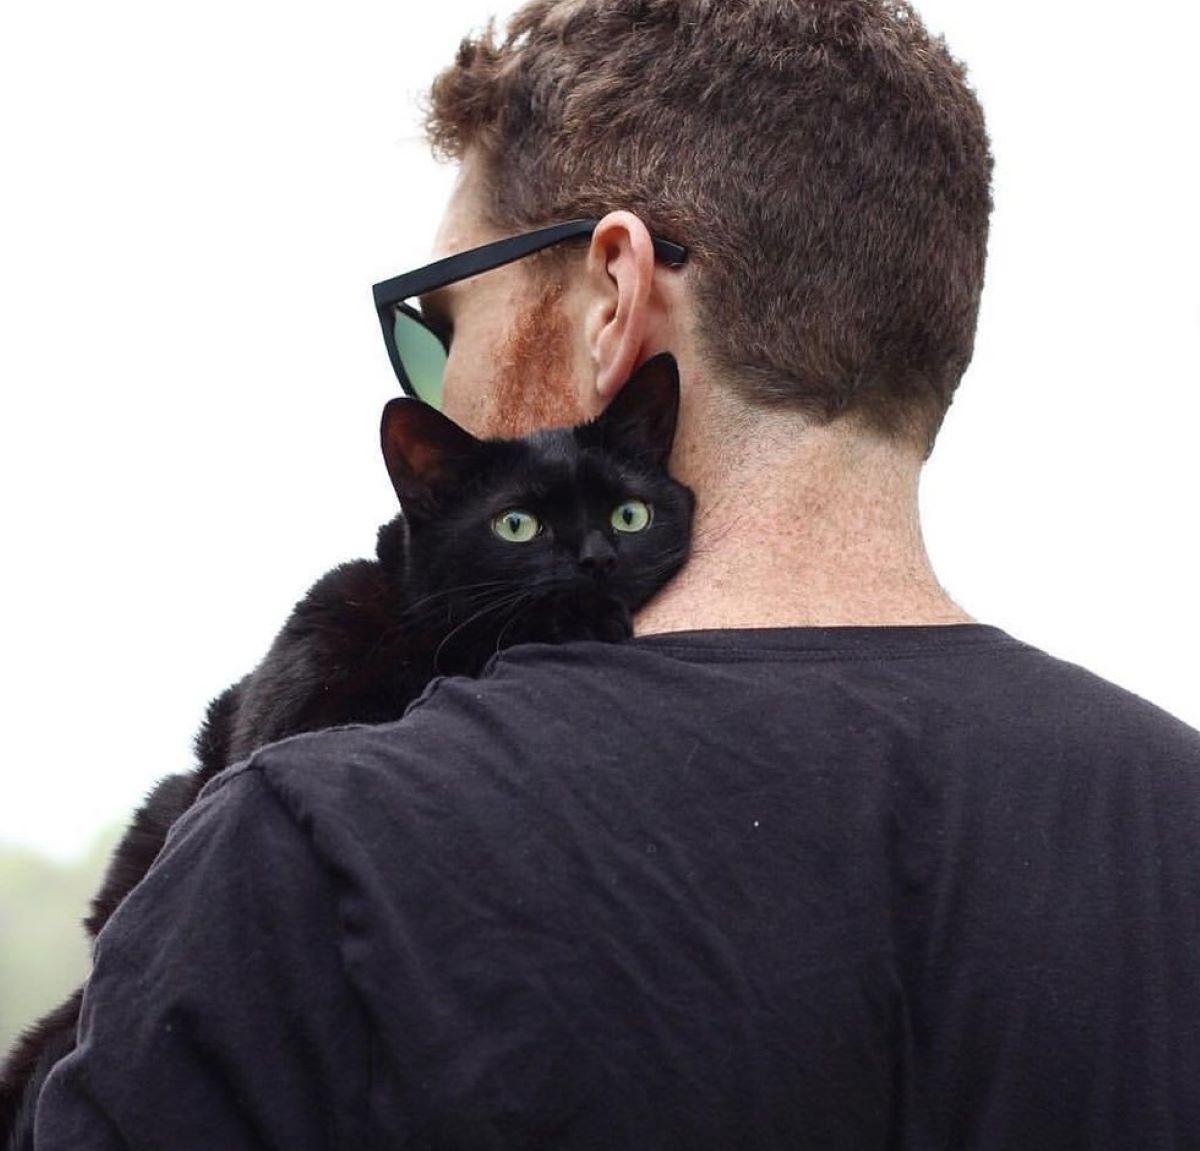 gatto-in-braccio-a-uomo